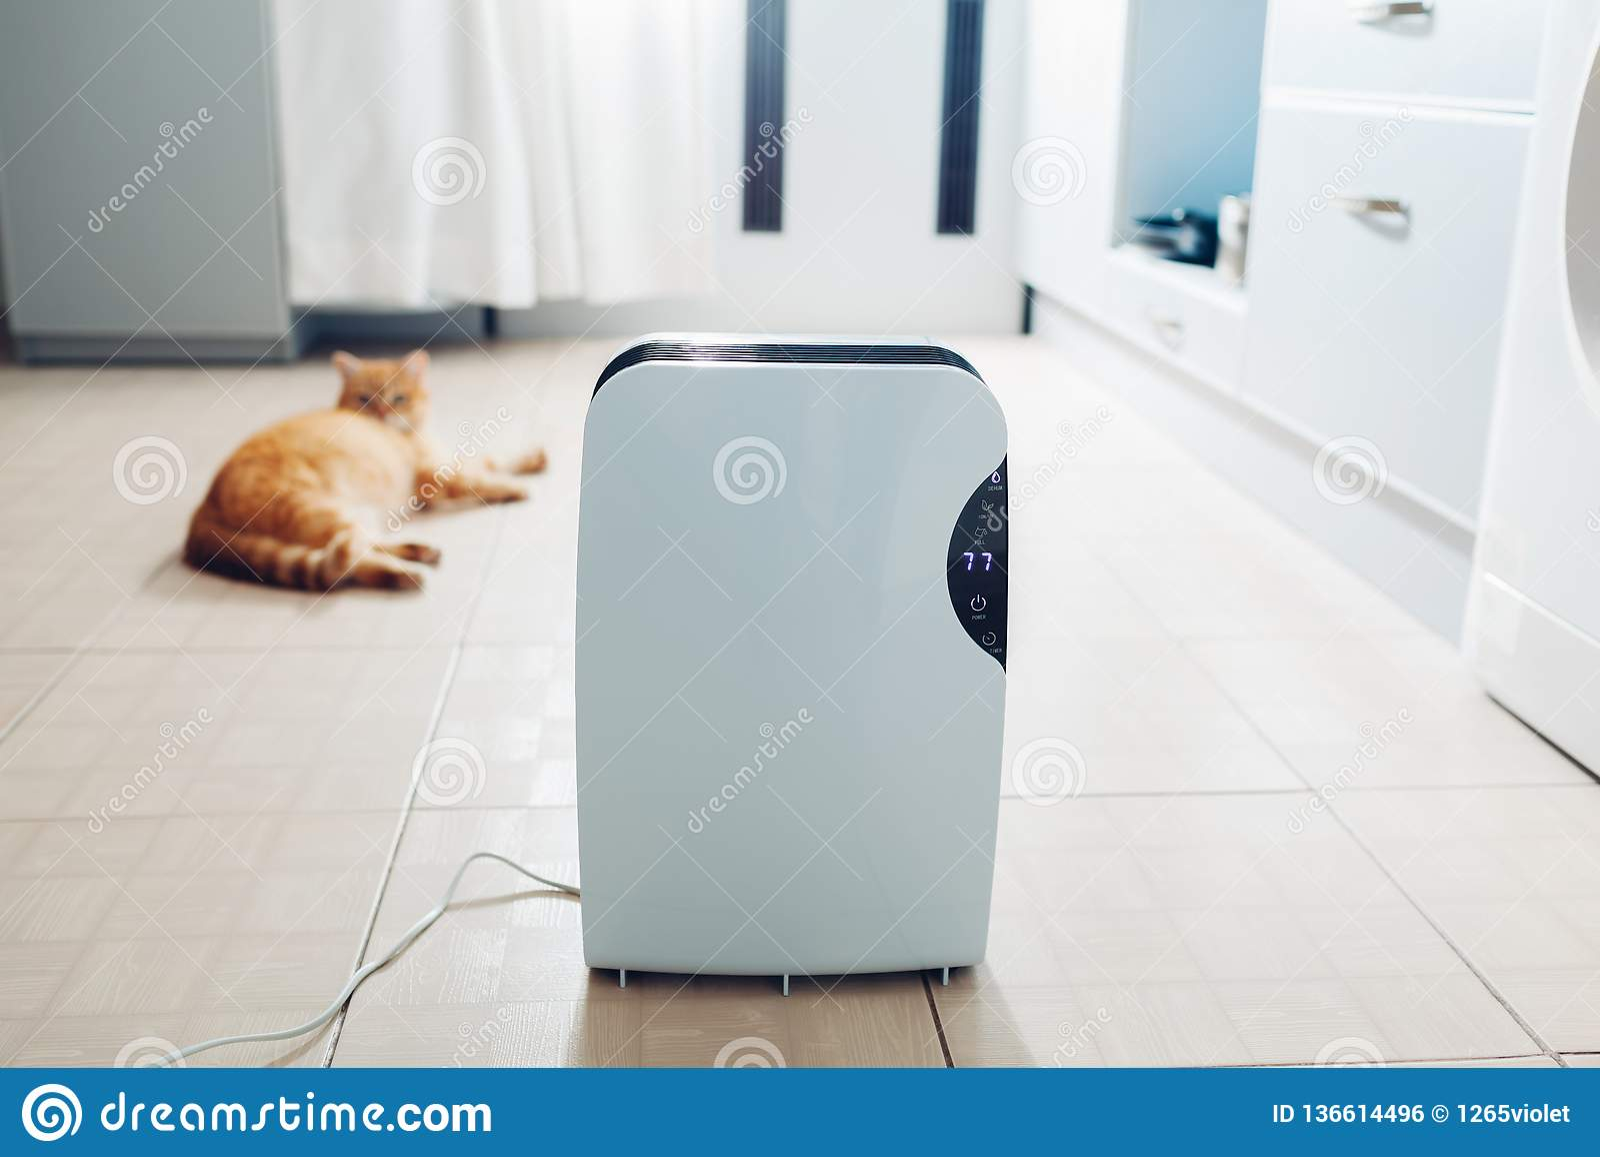 Dehumidifier с сенсорной панелью, индикатором влажности, ультрафиолетовой лампой, ionizer воздуха, надомными трудами контейнера в